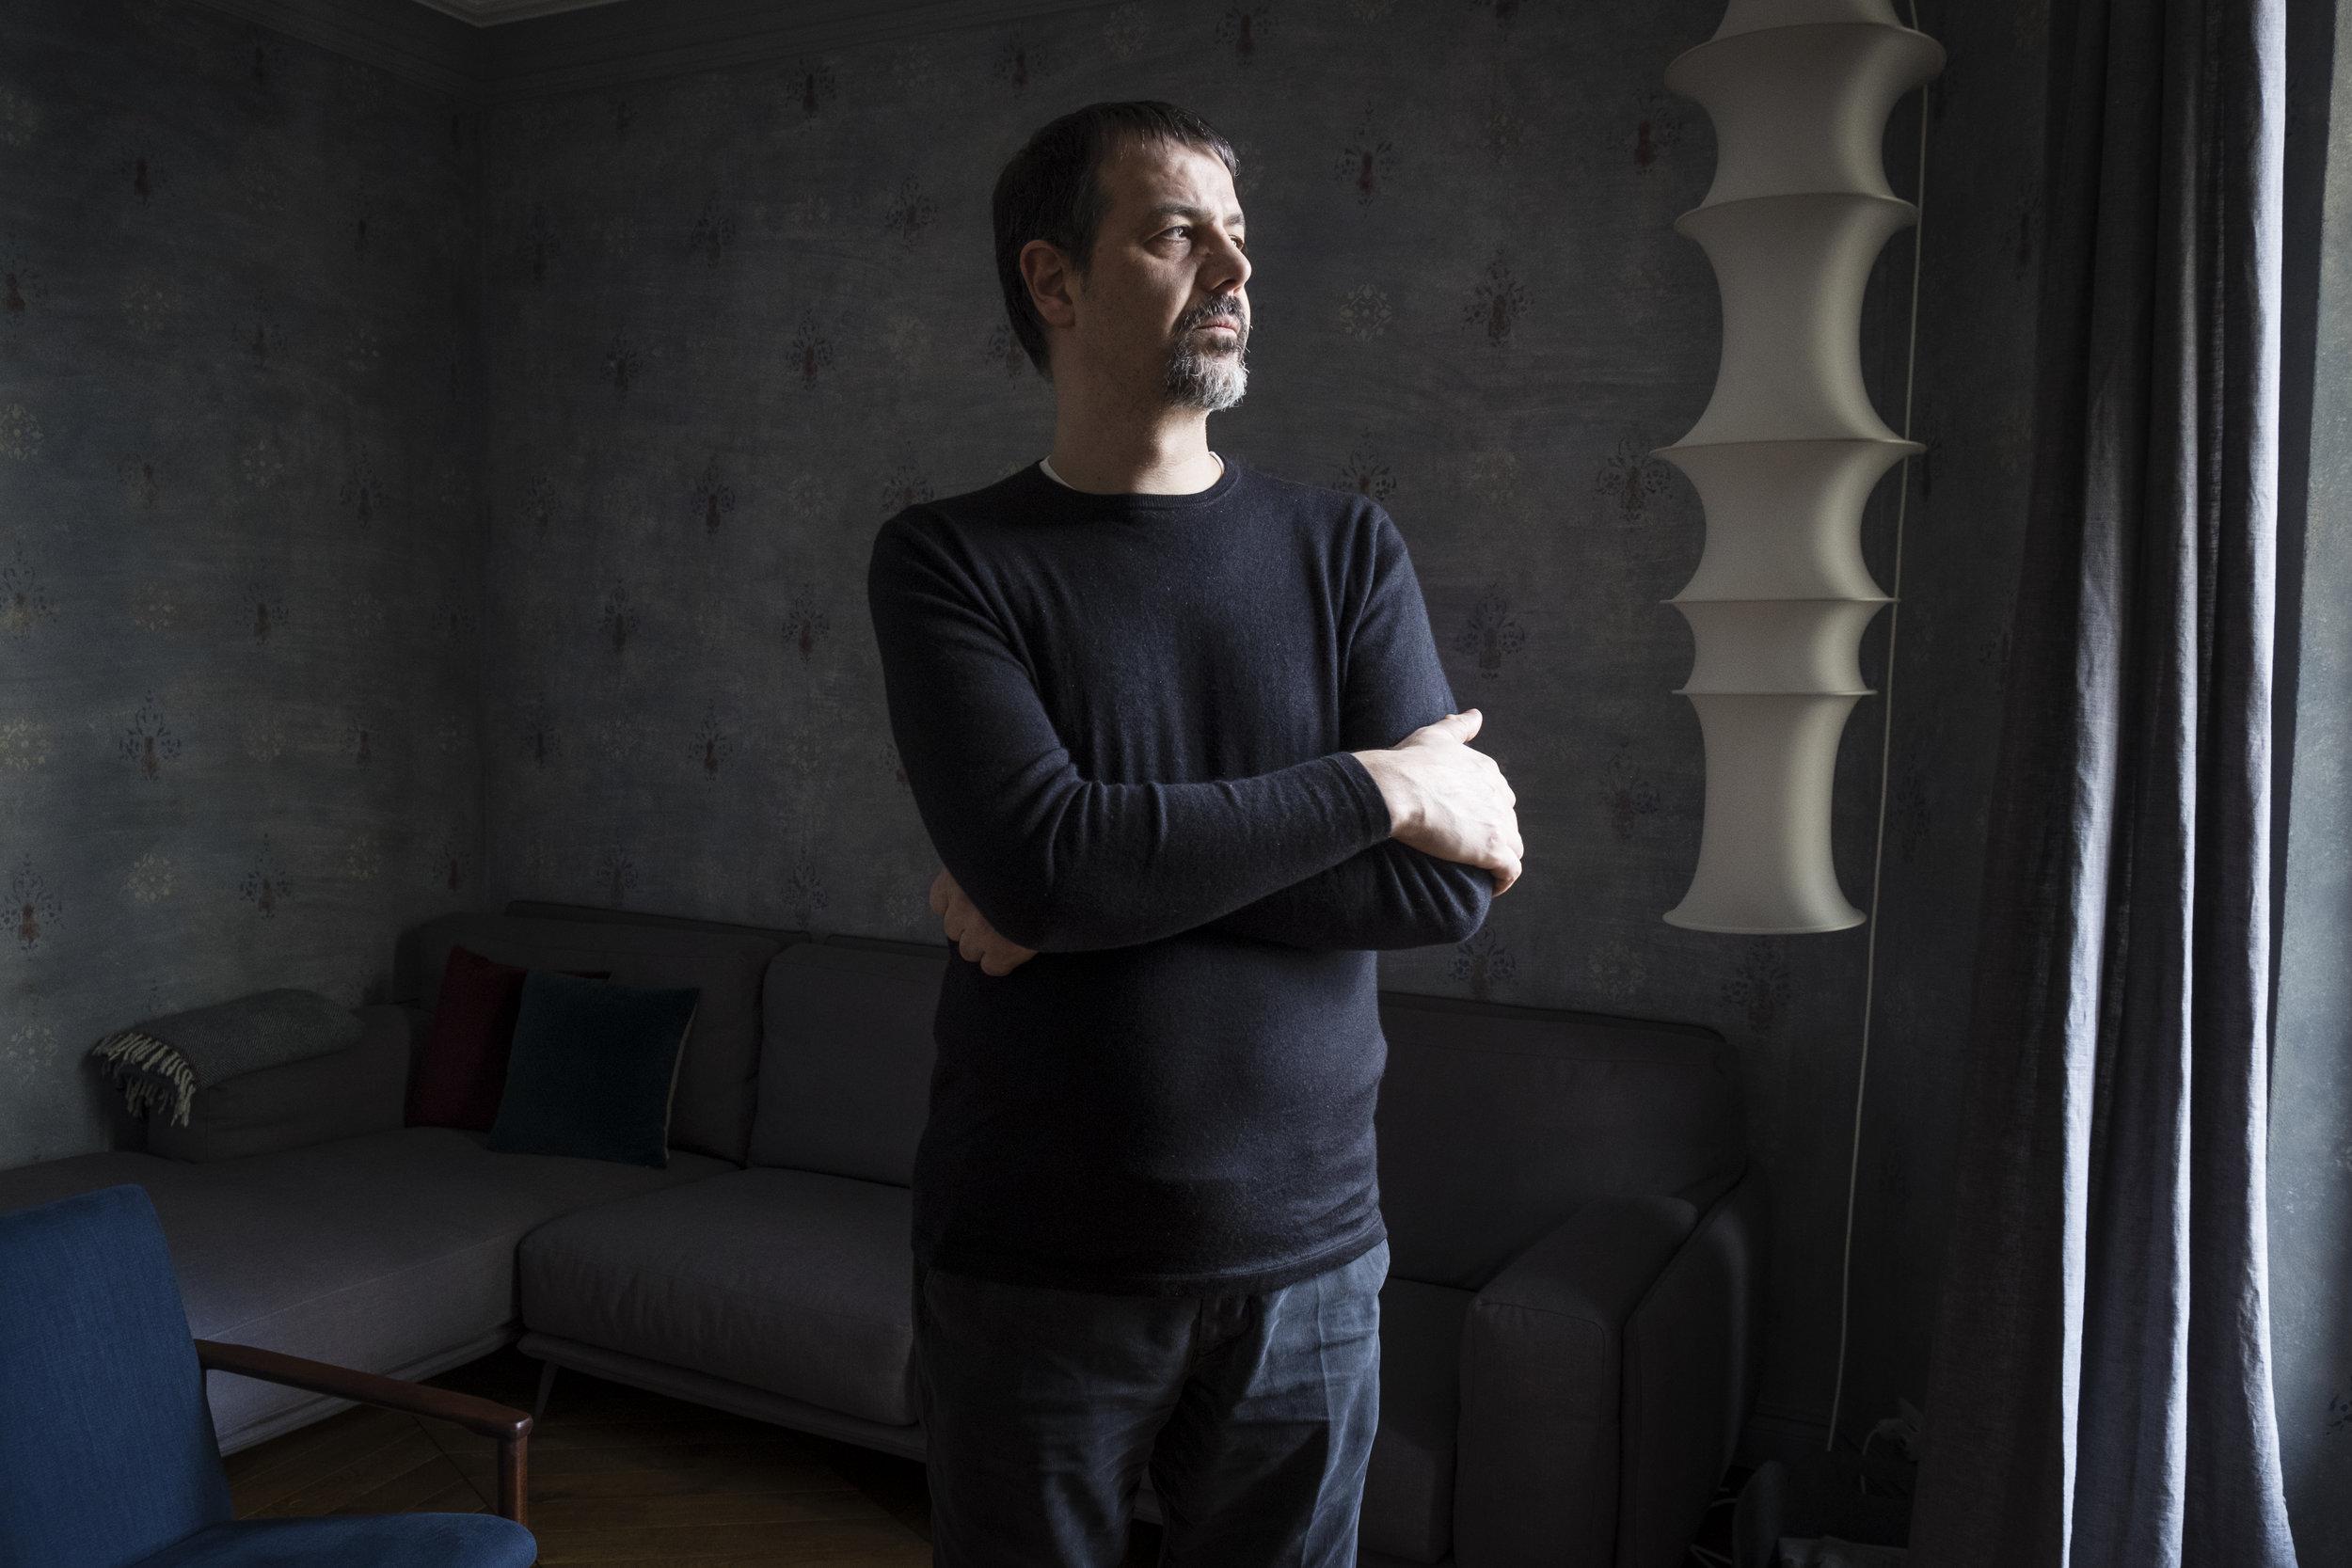 Antonio Guida   Two Michelin stars executive chef at Seta